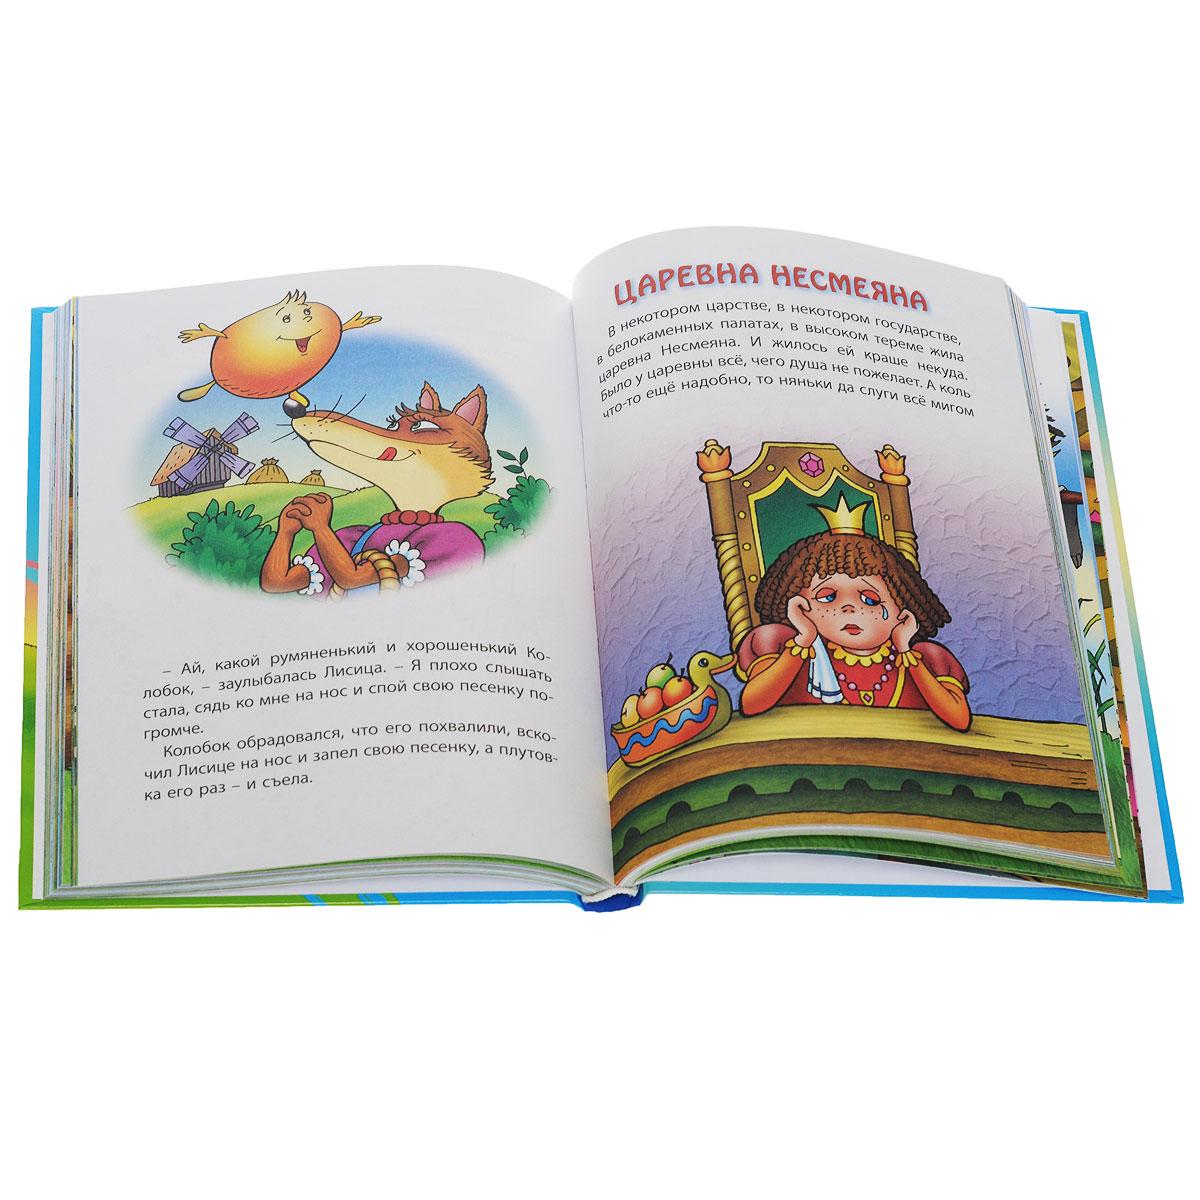 Лучшие сказки для малышей о смелых героях, удивительных приключениях и волшебных превращениях